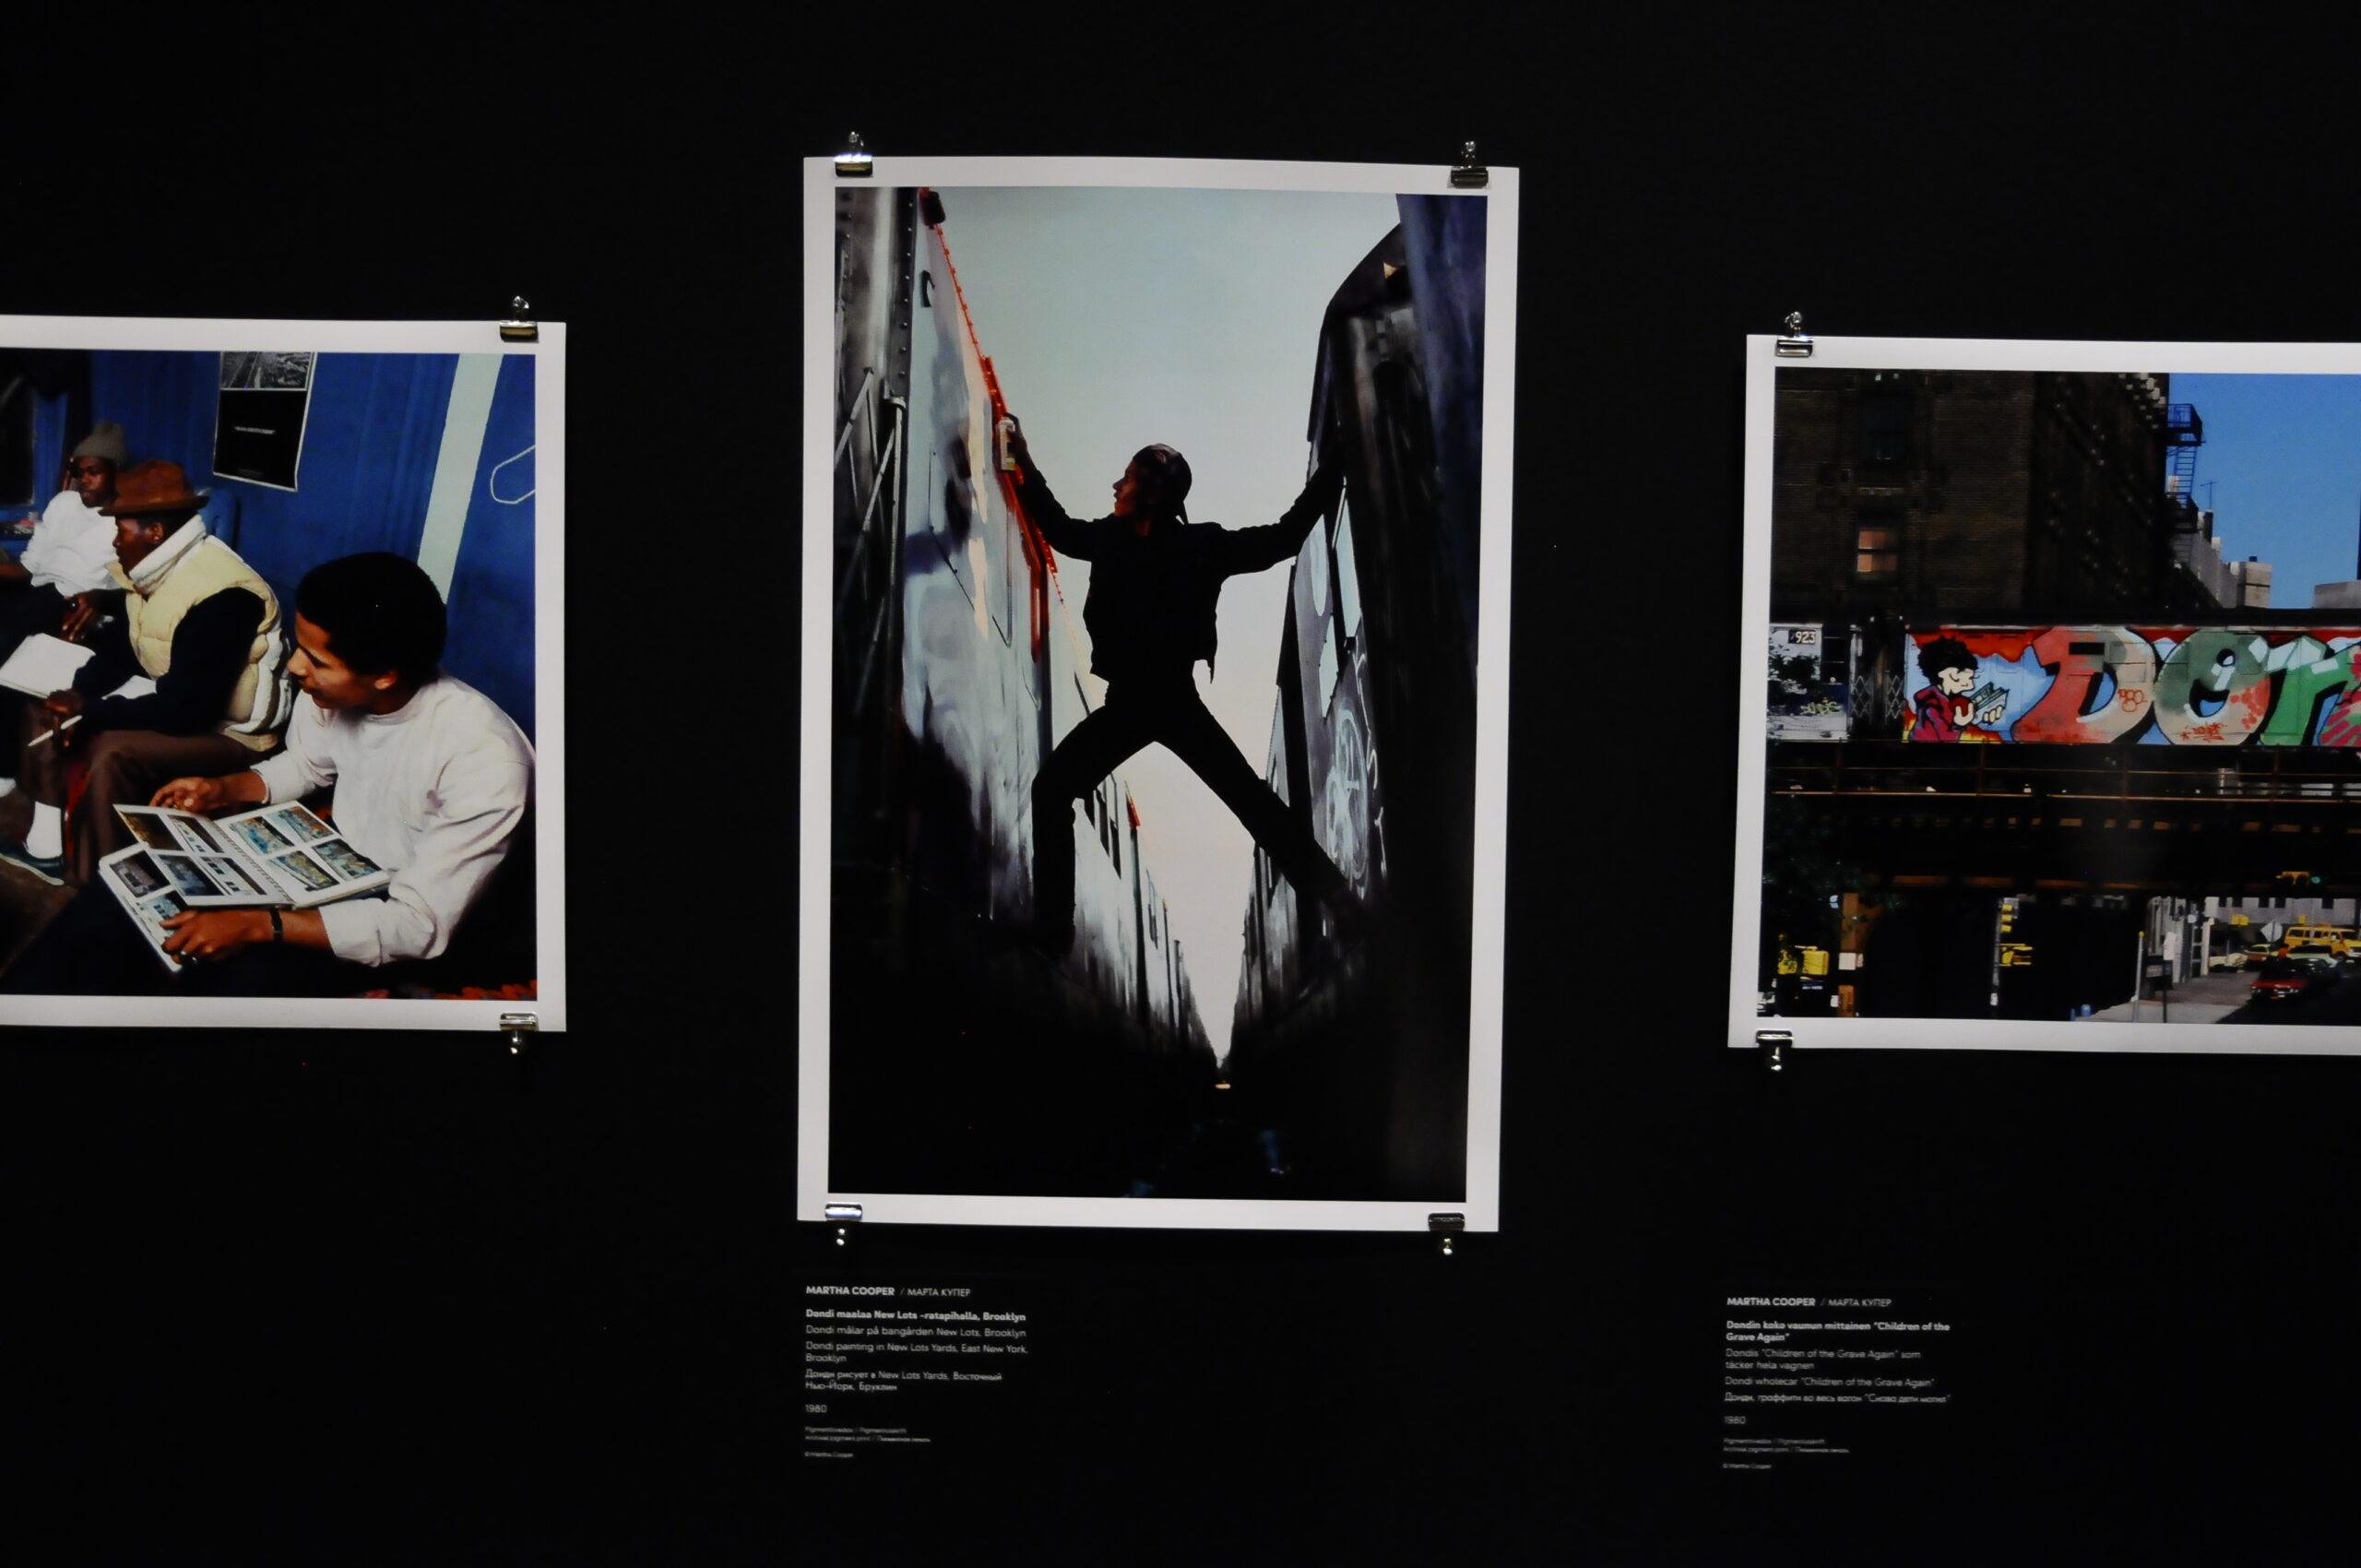 Matrtha Cooperin Subway Art -kirjasta tuttuja kuvia esitellään suurina vedoksina. Näitä olisi kelvannut katsoa enemmänkin.